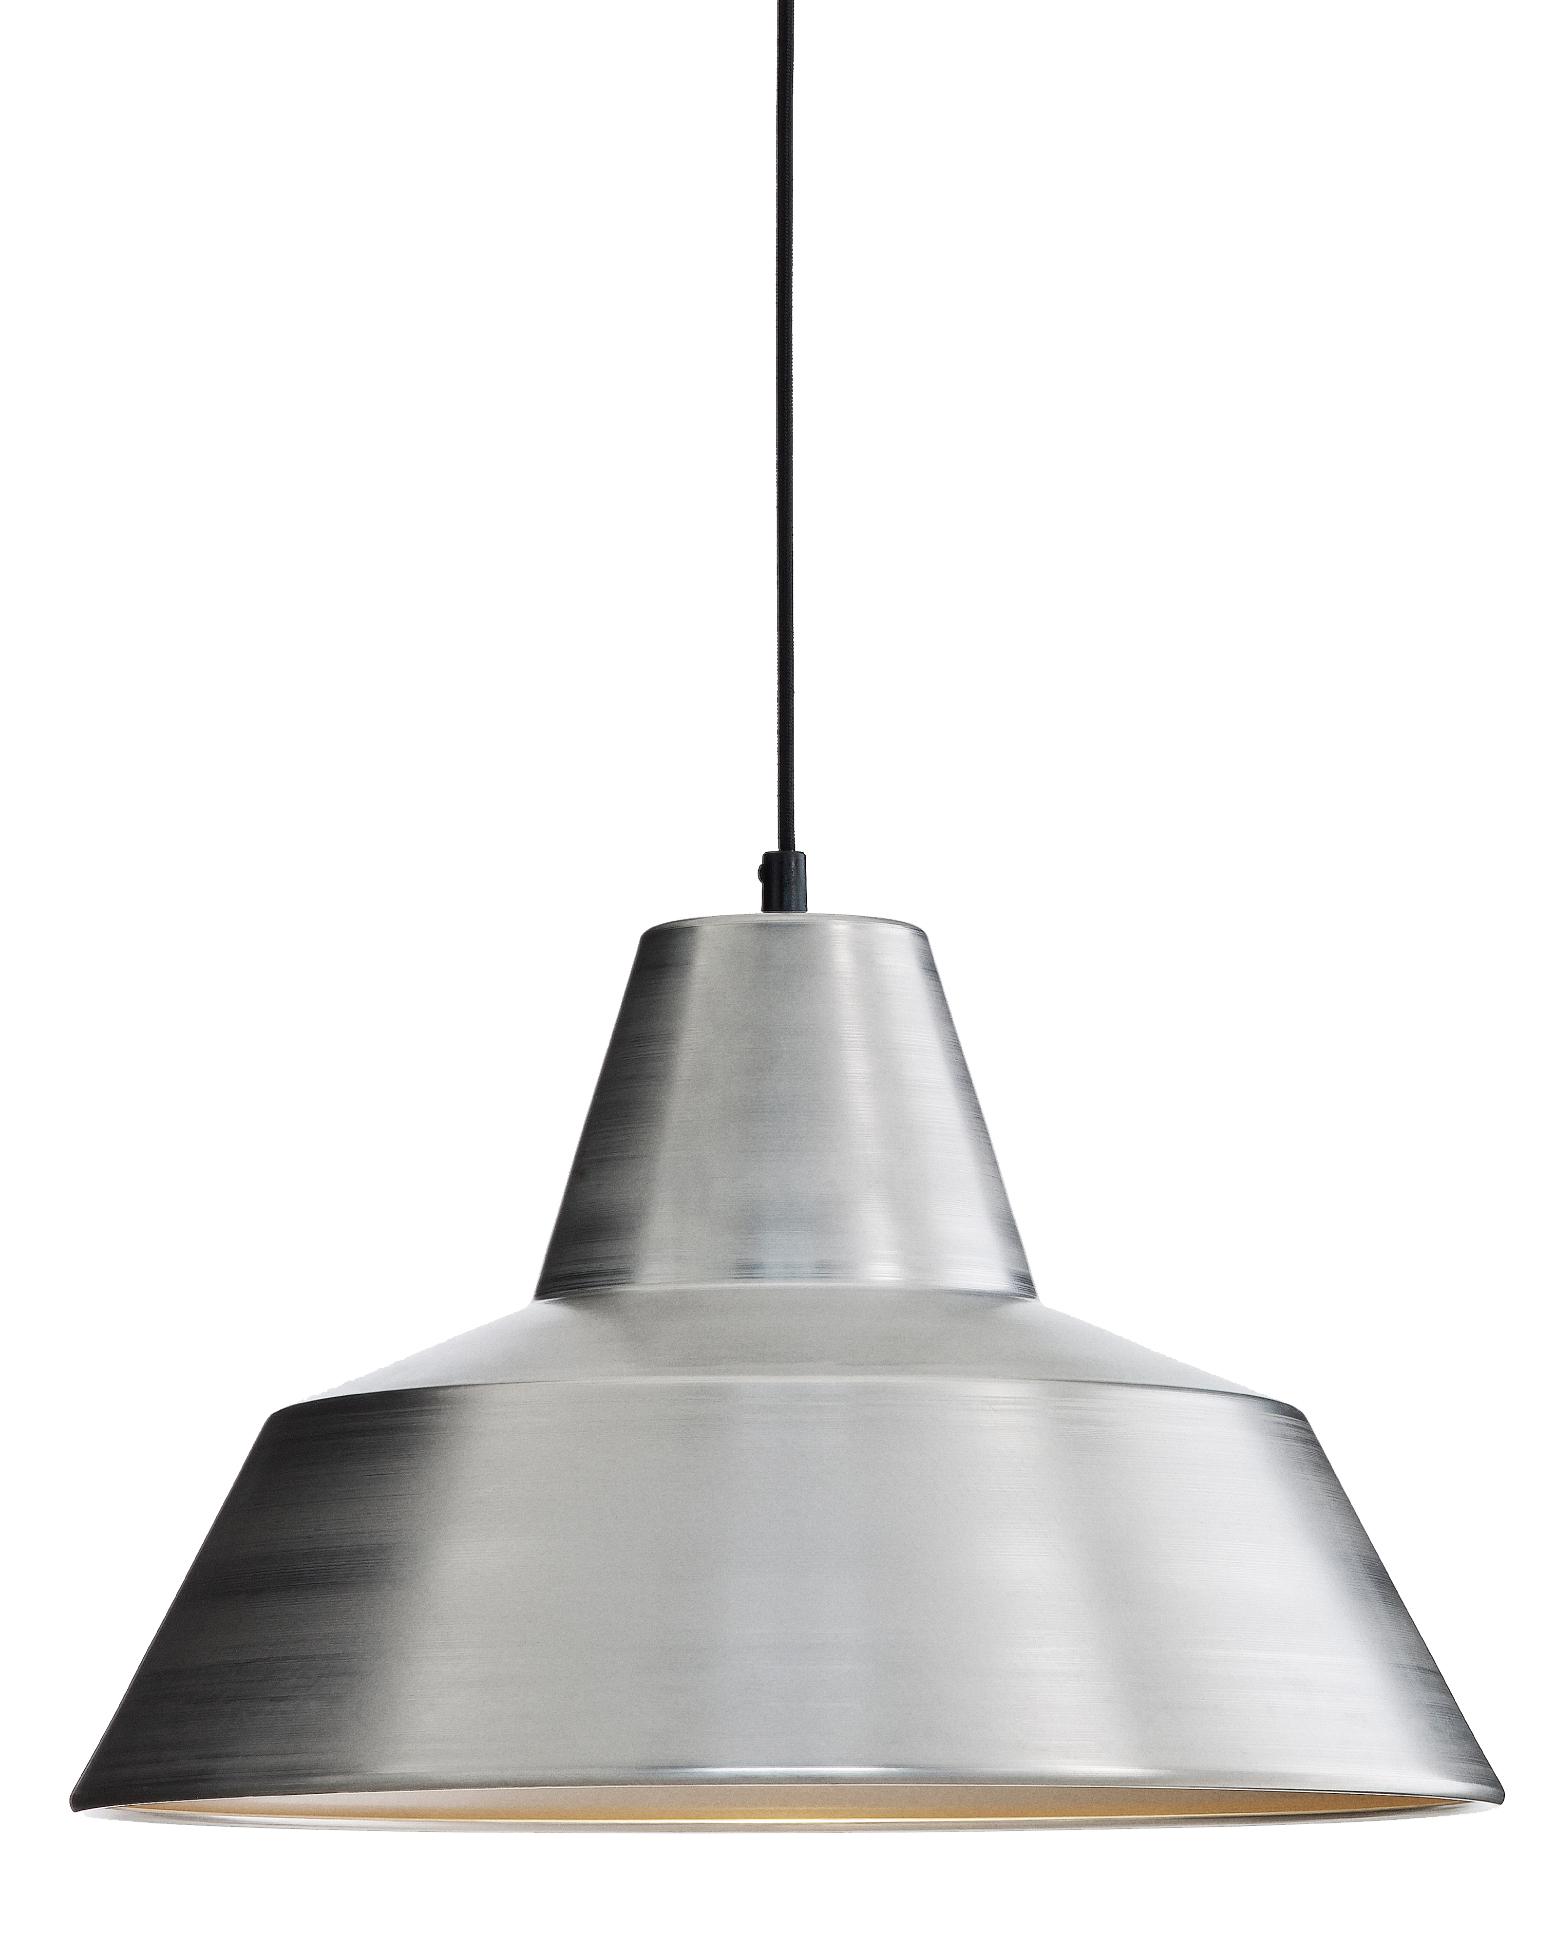 The work shop lamp アルミニウム ホワイトバック